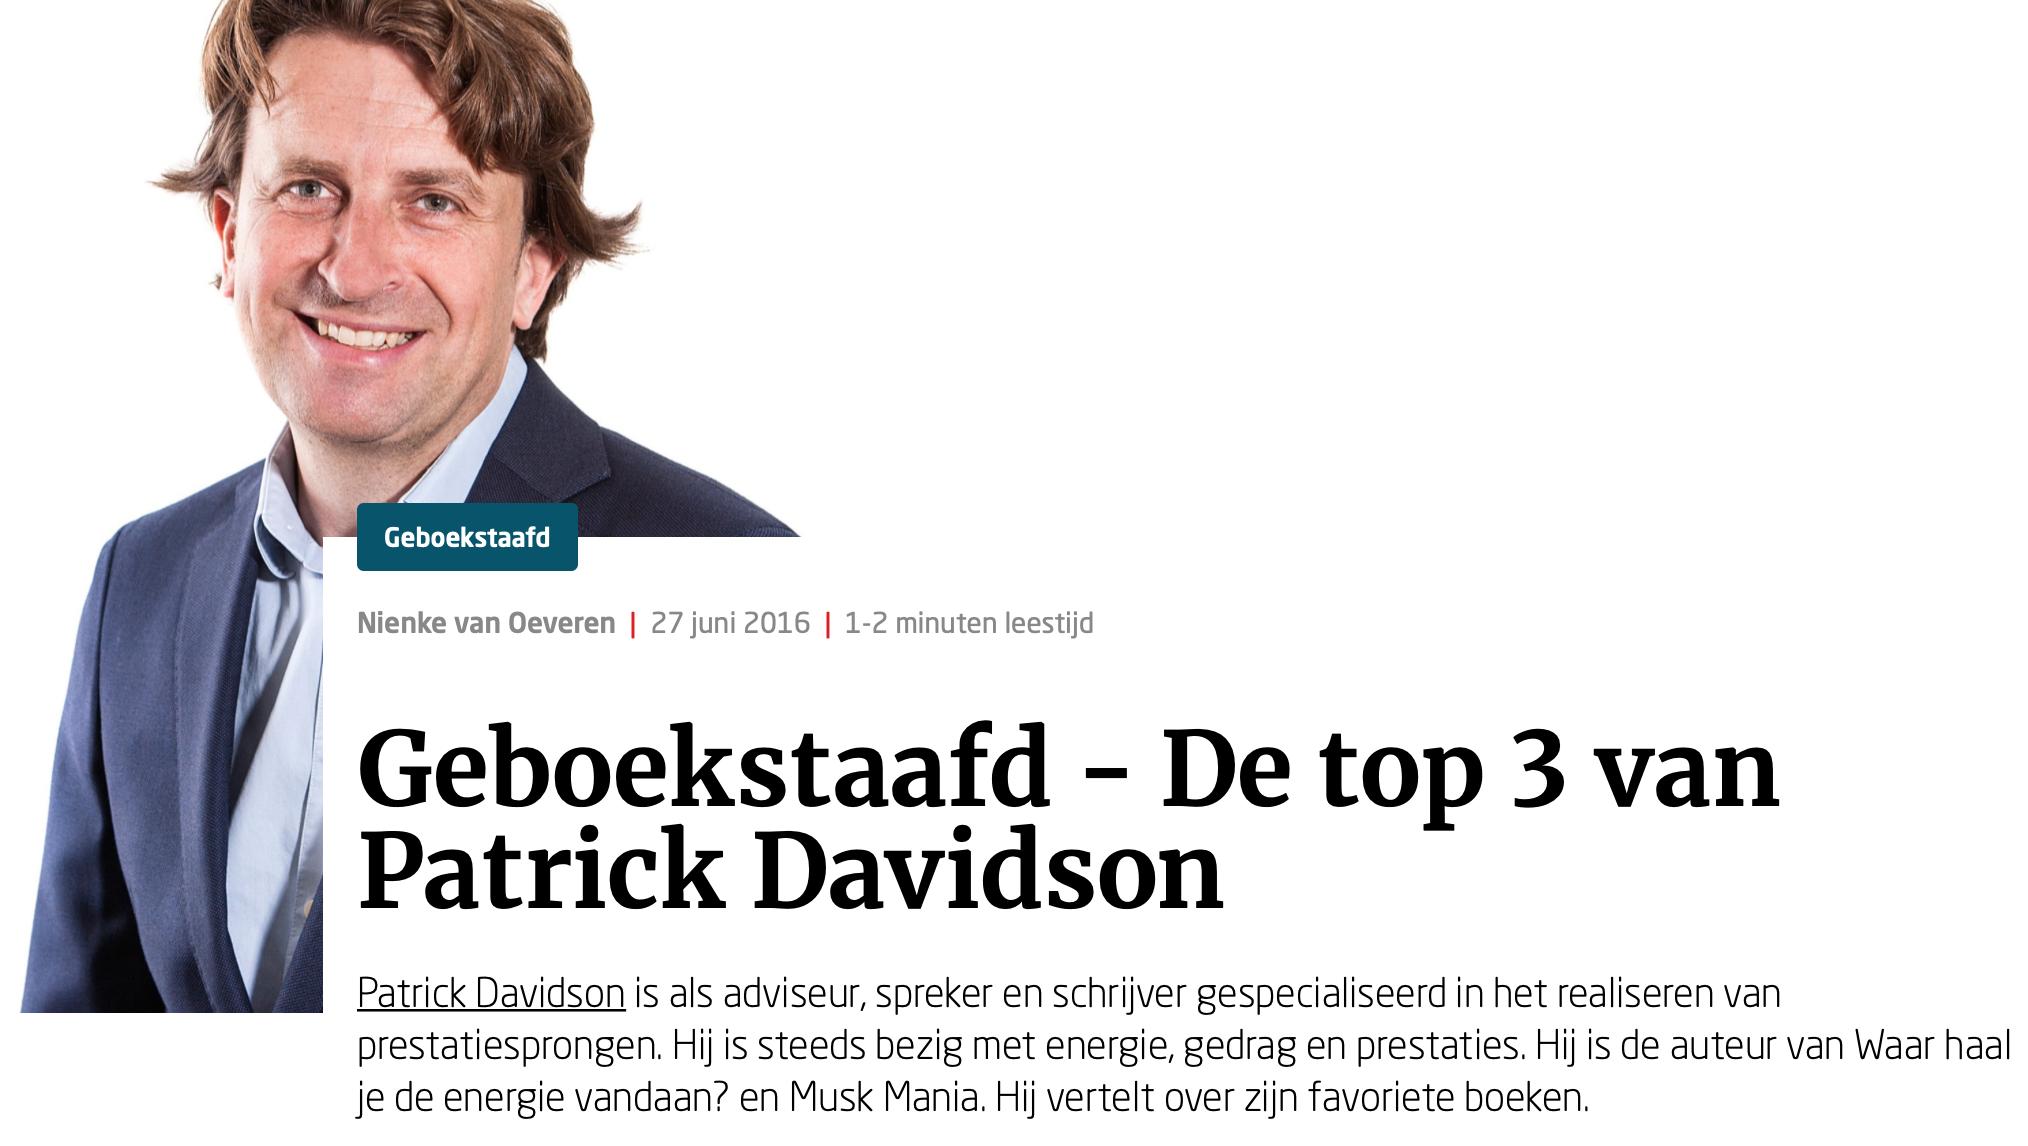 Geboekstaafd - de Top 3 van Patrick Davidson